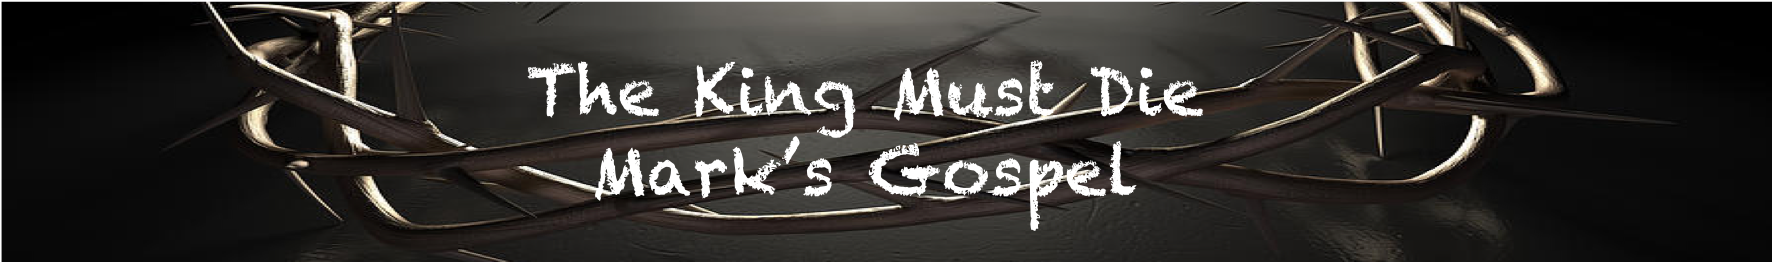 The King Must Die - Marks Gospel.png